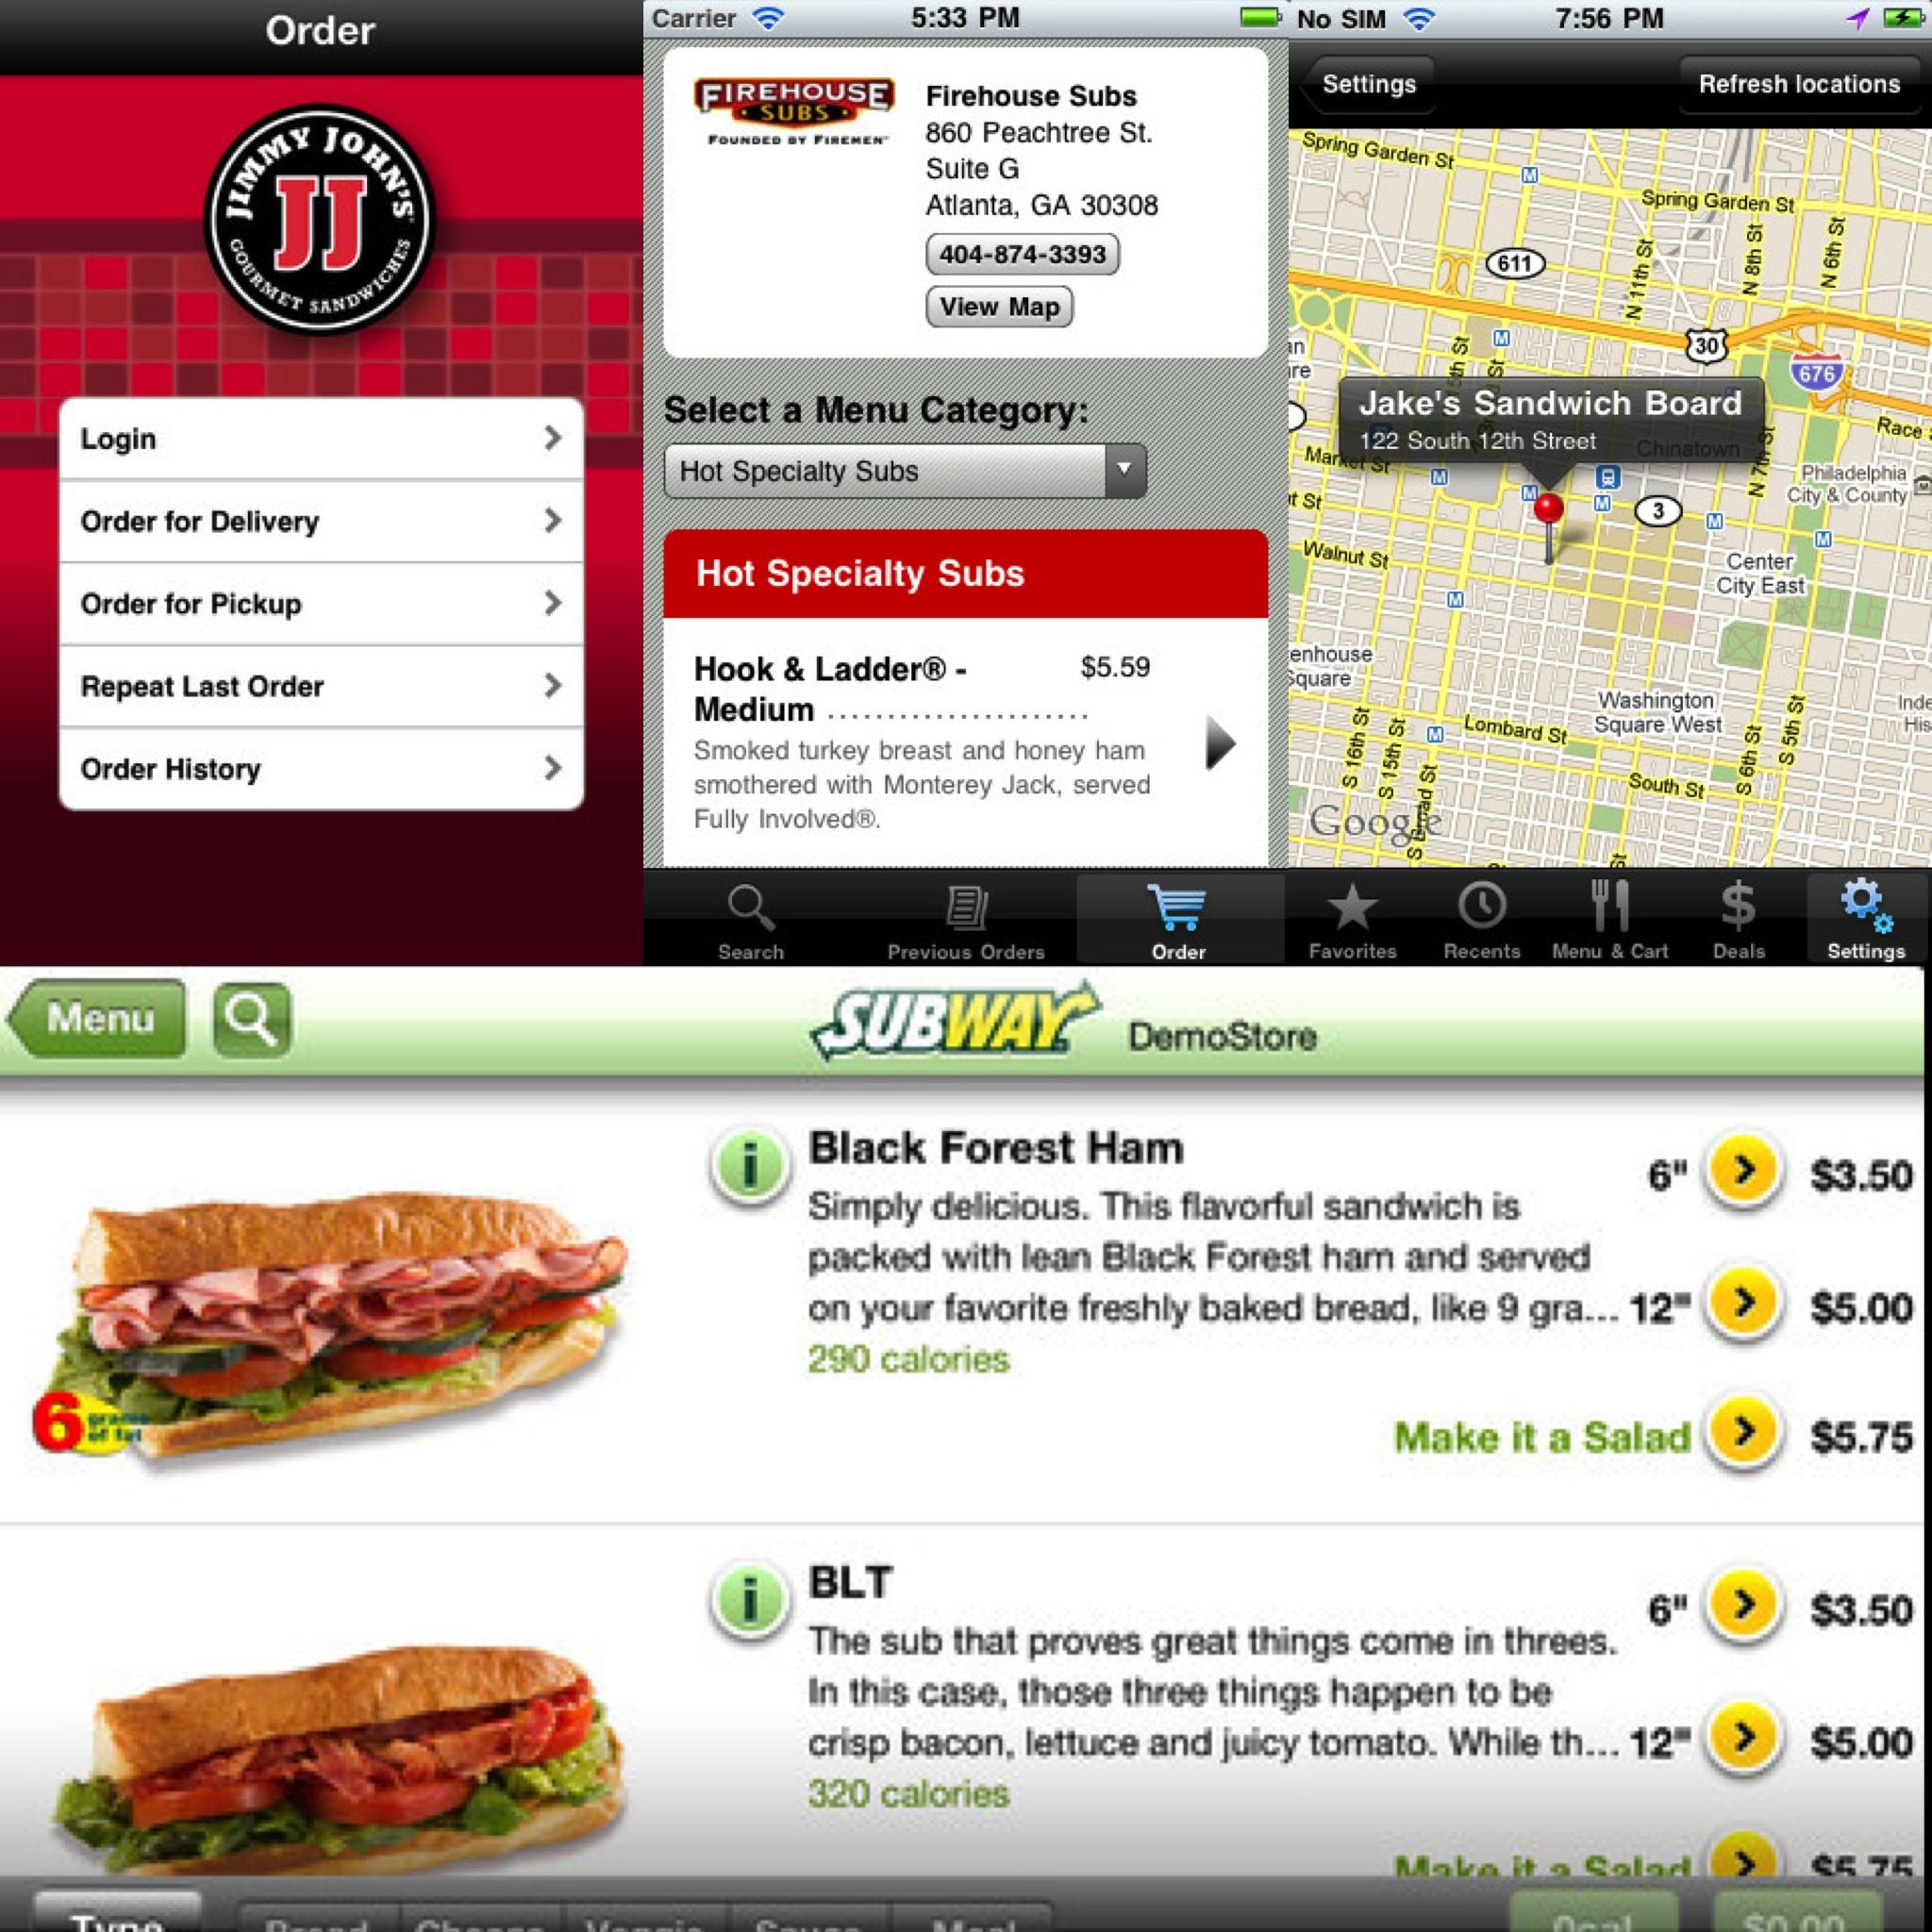 Pretty California Pizza Kitchen Application Images Gallery Impressive California Pizza